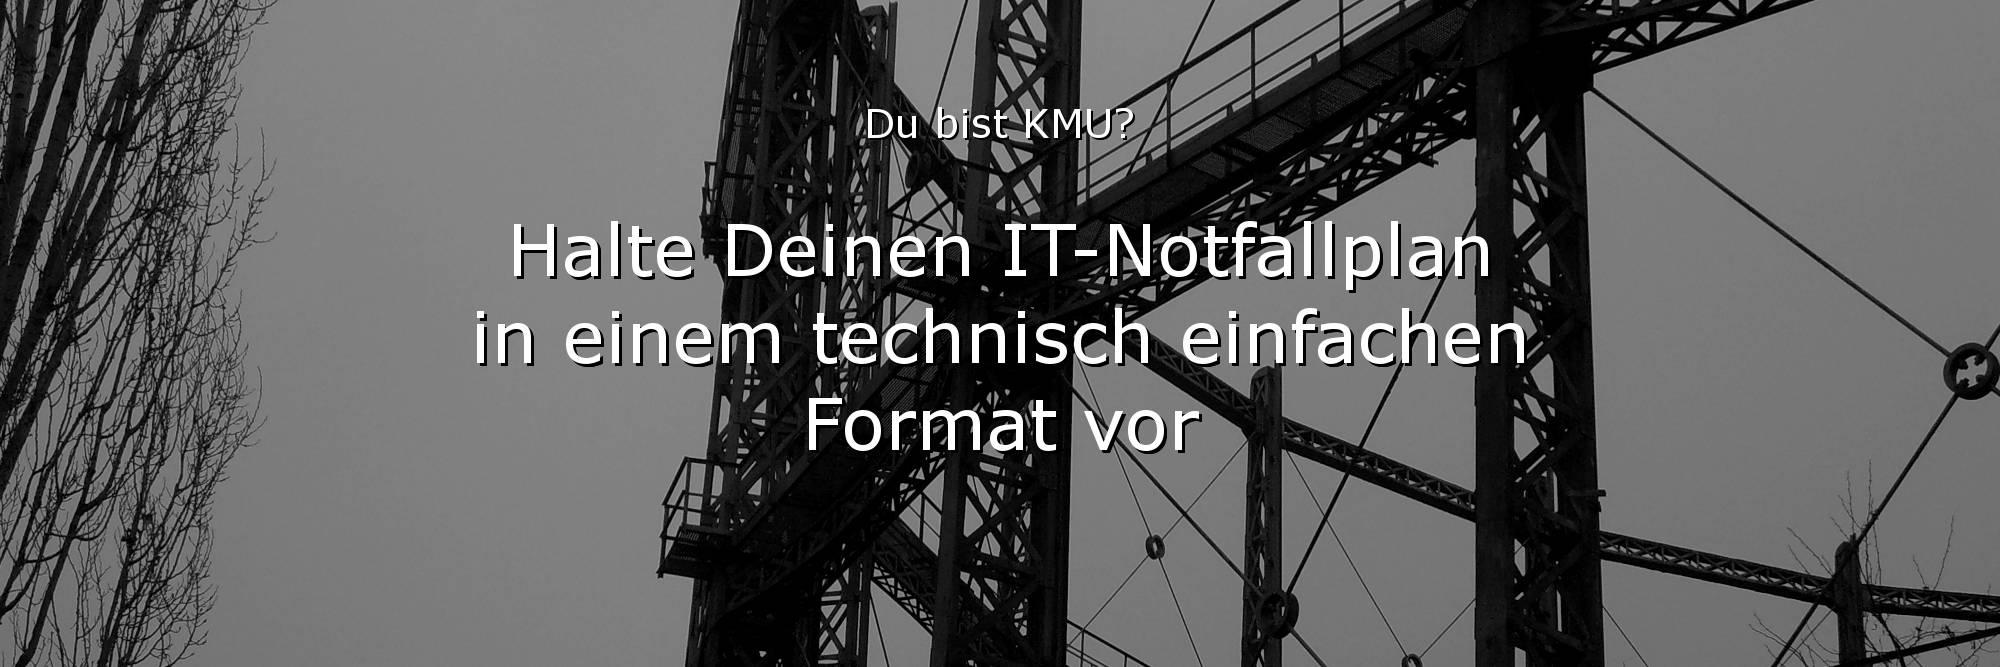 IT-Notfallplan KMU-Mittelstand